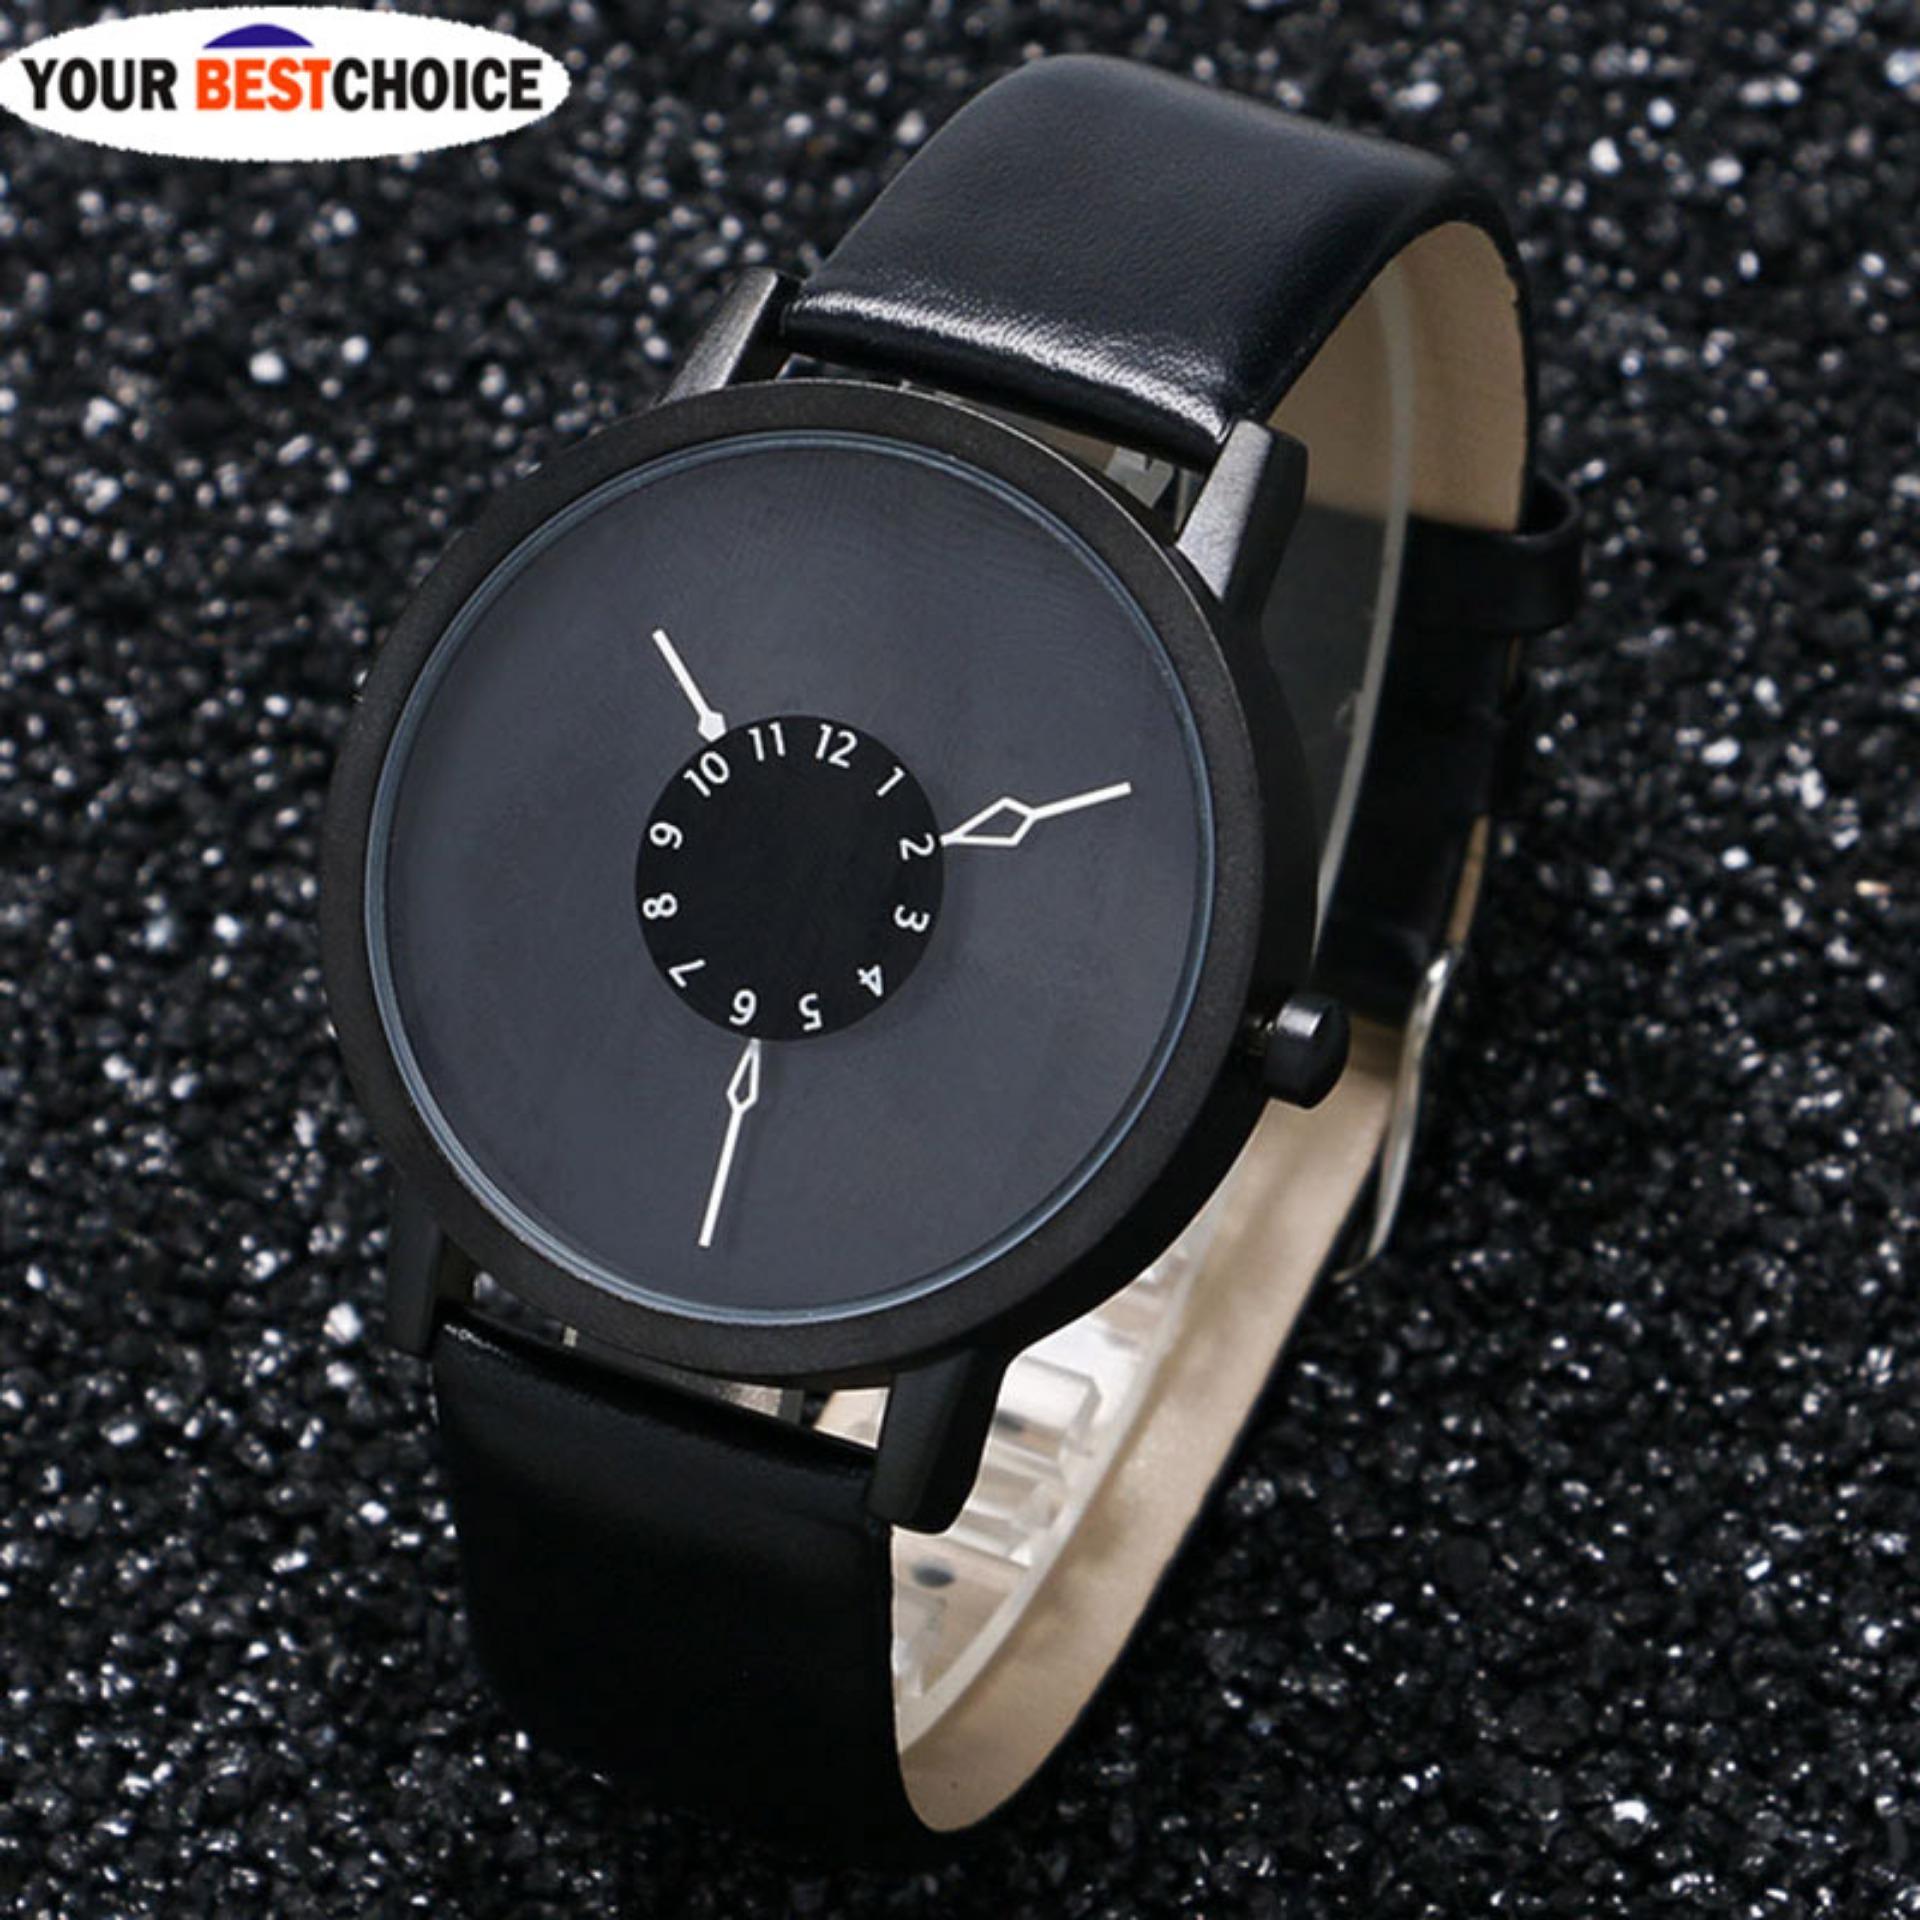 YBC adapula Dial arloji jam tangan kasual kulit PU pecinta jam Quartz - Internasional